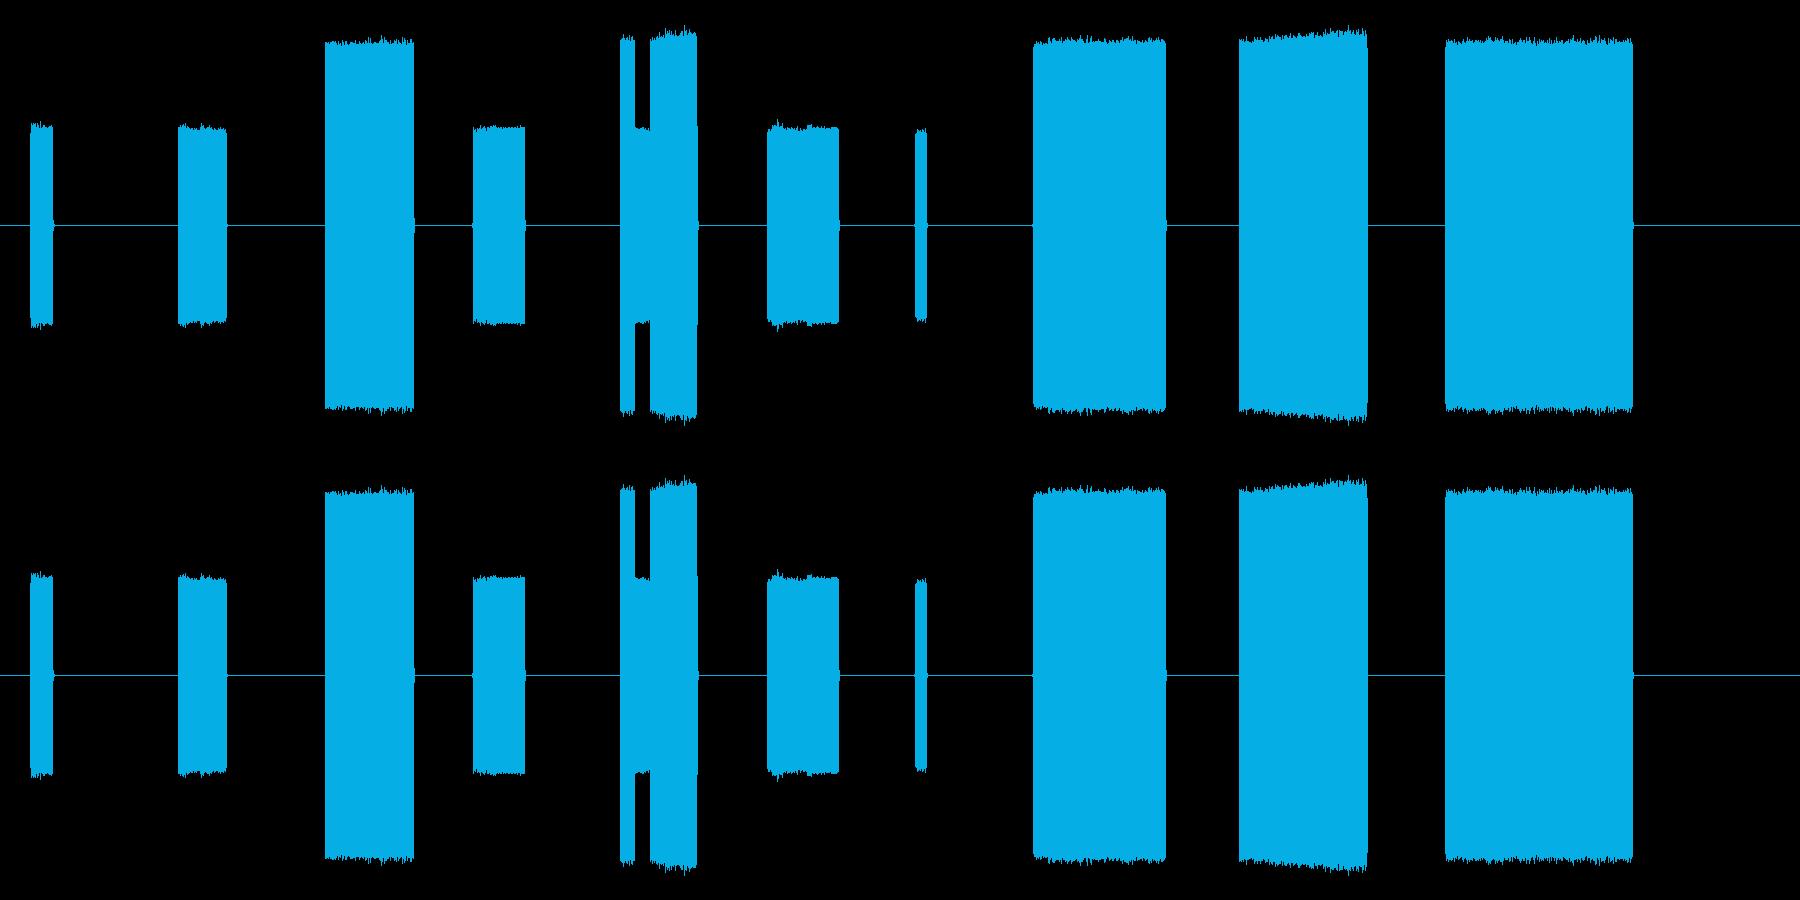 ゲームで使えそうな効果音10コ作ってみ…の再生済みの波形